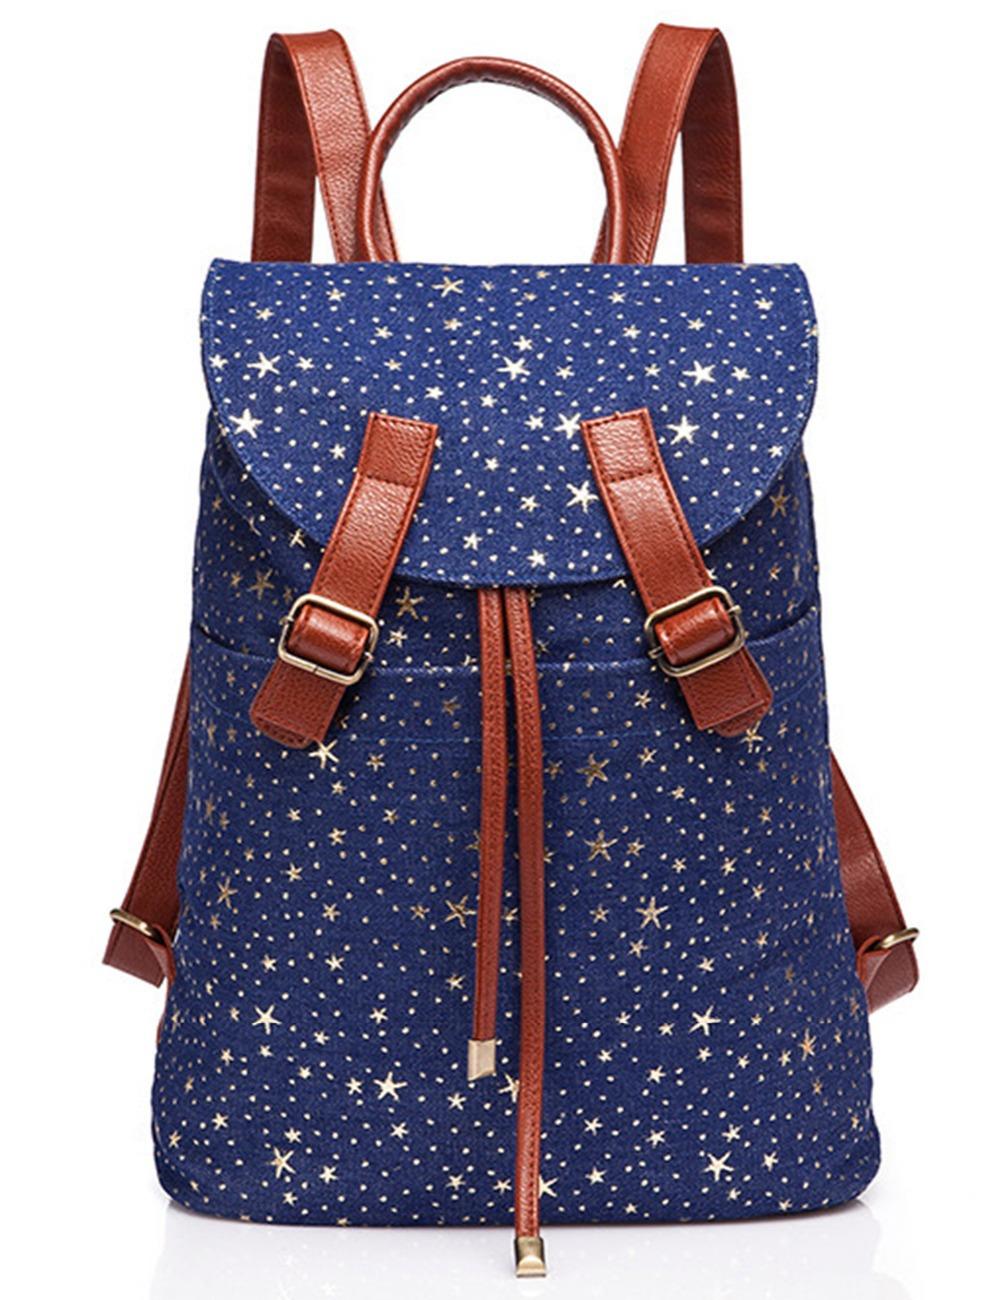 New Arrival Charming Backpack For Girl Rucksack Shoulder Bag blue star backpack floral canvas School backpack(China (Mainland))